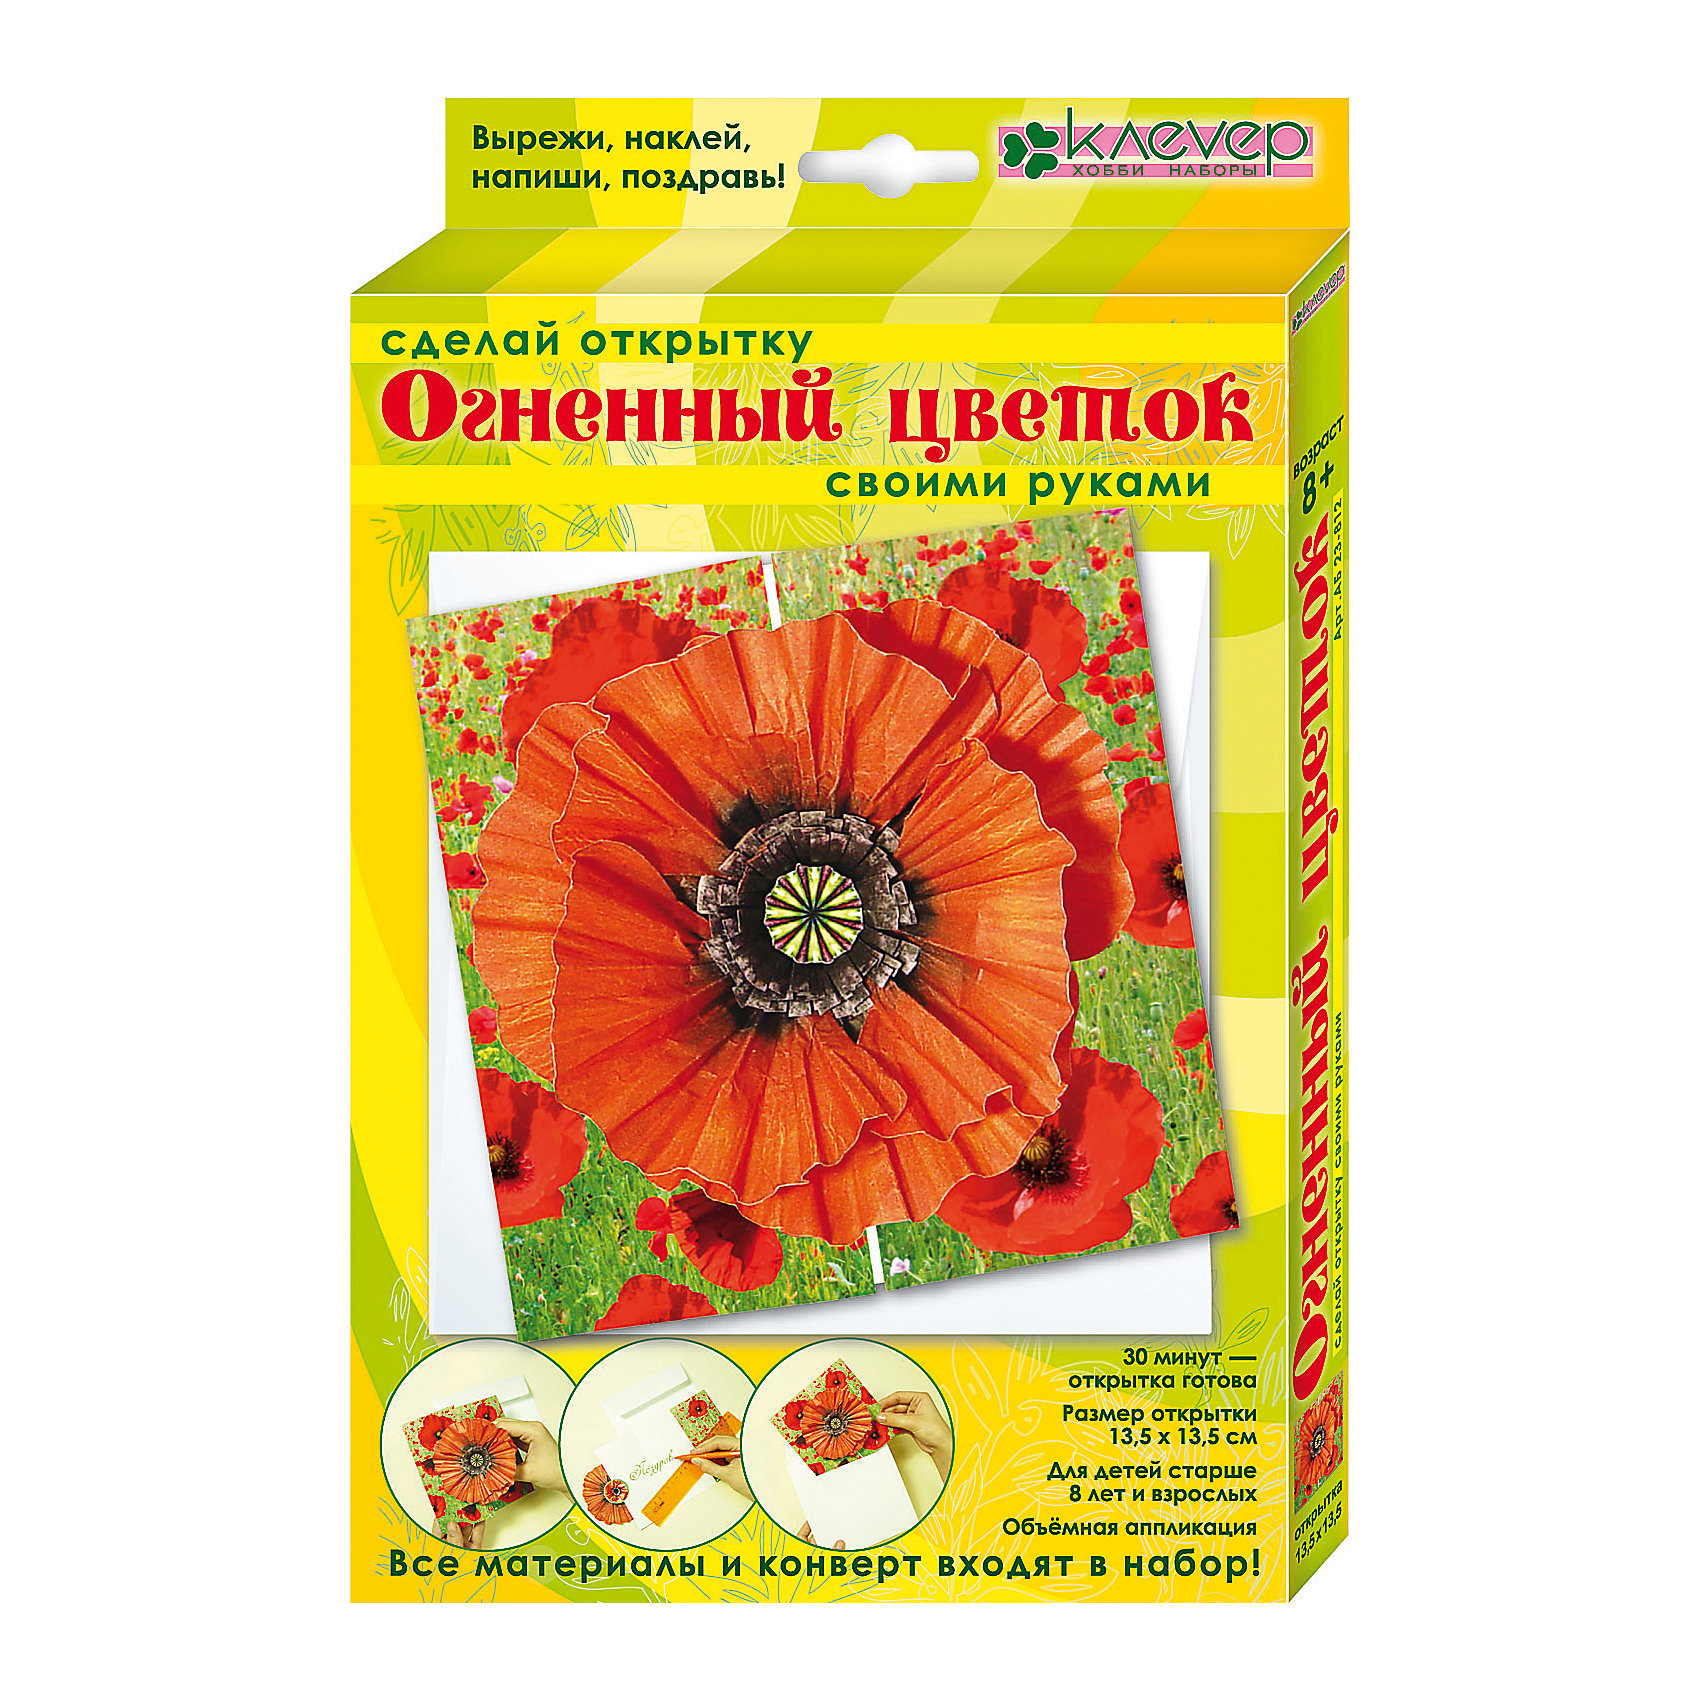 Набор для изготовления открытки Огненный цветокРукоделие<br>Характеристики:<br><br>• Коллекция: объемная открытка<br>• Тематика: цветы<br>• Уровень сложности: средний<br>• Материал: бумага, скотч<br>• Комплектация: набор цветной бумаги, основа, скотч, инструкция<br>• Форма открытки: 3d<br>• Размеры готовой открытки (Ш*В): 13,6*13,6 см<br>• Размеры (Д*Ш*В): 14,2*21,5*17 см<br>• Вес: 38 г <br>• Упаковка: картонный конверт<br><br>Уникальность данных наборов заключается в том, что они состоят из материалов разных фактур. Благодаря использованию двухстороннего скотча, рабочее место и одежда ребенка не будет испачкана, а поделка будет выглядеть объемной и аккуратной.<br><br>Набор для изготовления открытки Огненный цветок состоит из всех необходимых материалов и инструментов для создания поздравительной открытки с изображением крупного цветка мака.<br><br>Набор для изготовления открытки Огненный цветок можно купить в нашем интернет-магазине.<br><br>Ширина мм: 142<br>Глубина мм: 215<br>Высота мм: 170<br>Вес г: 38<br>Возраст от месяцев: 96<br>Возраст до месяцев: 144<br>Пол: Унисекс<br>Возраст: Детский<br>SKU: 5541576